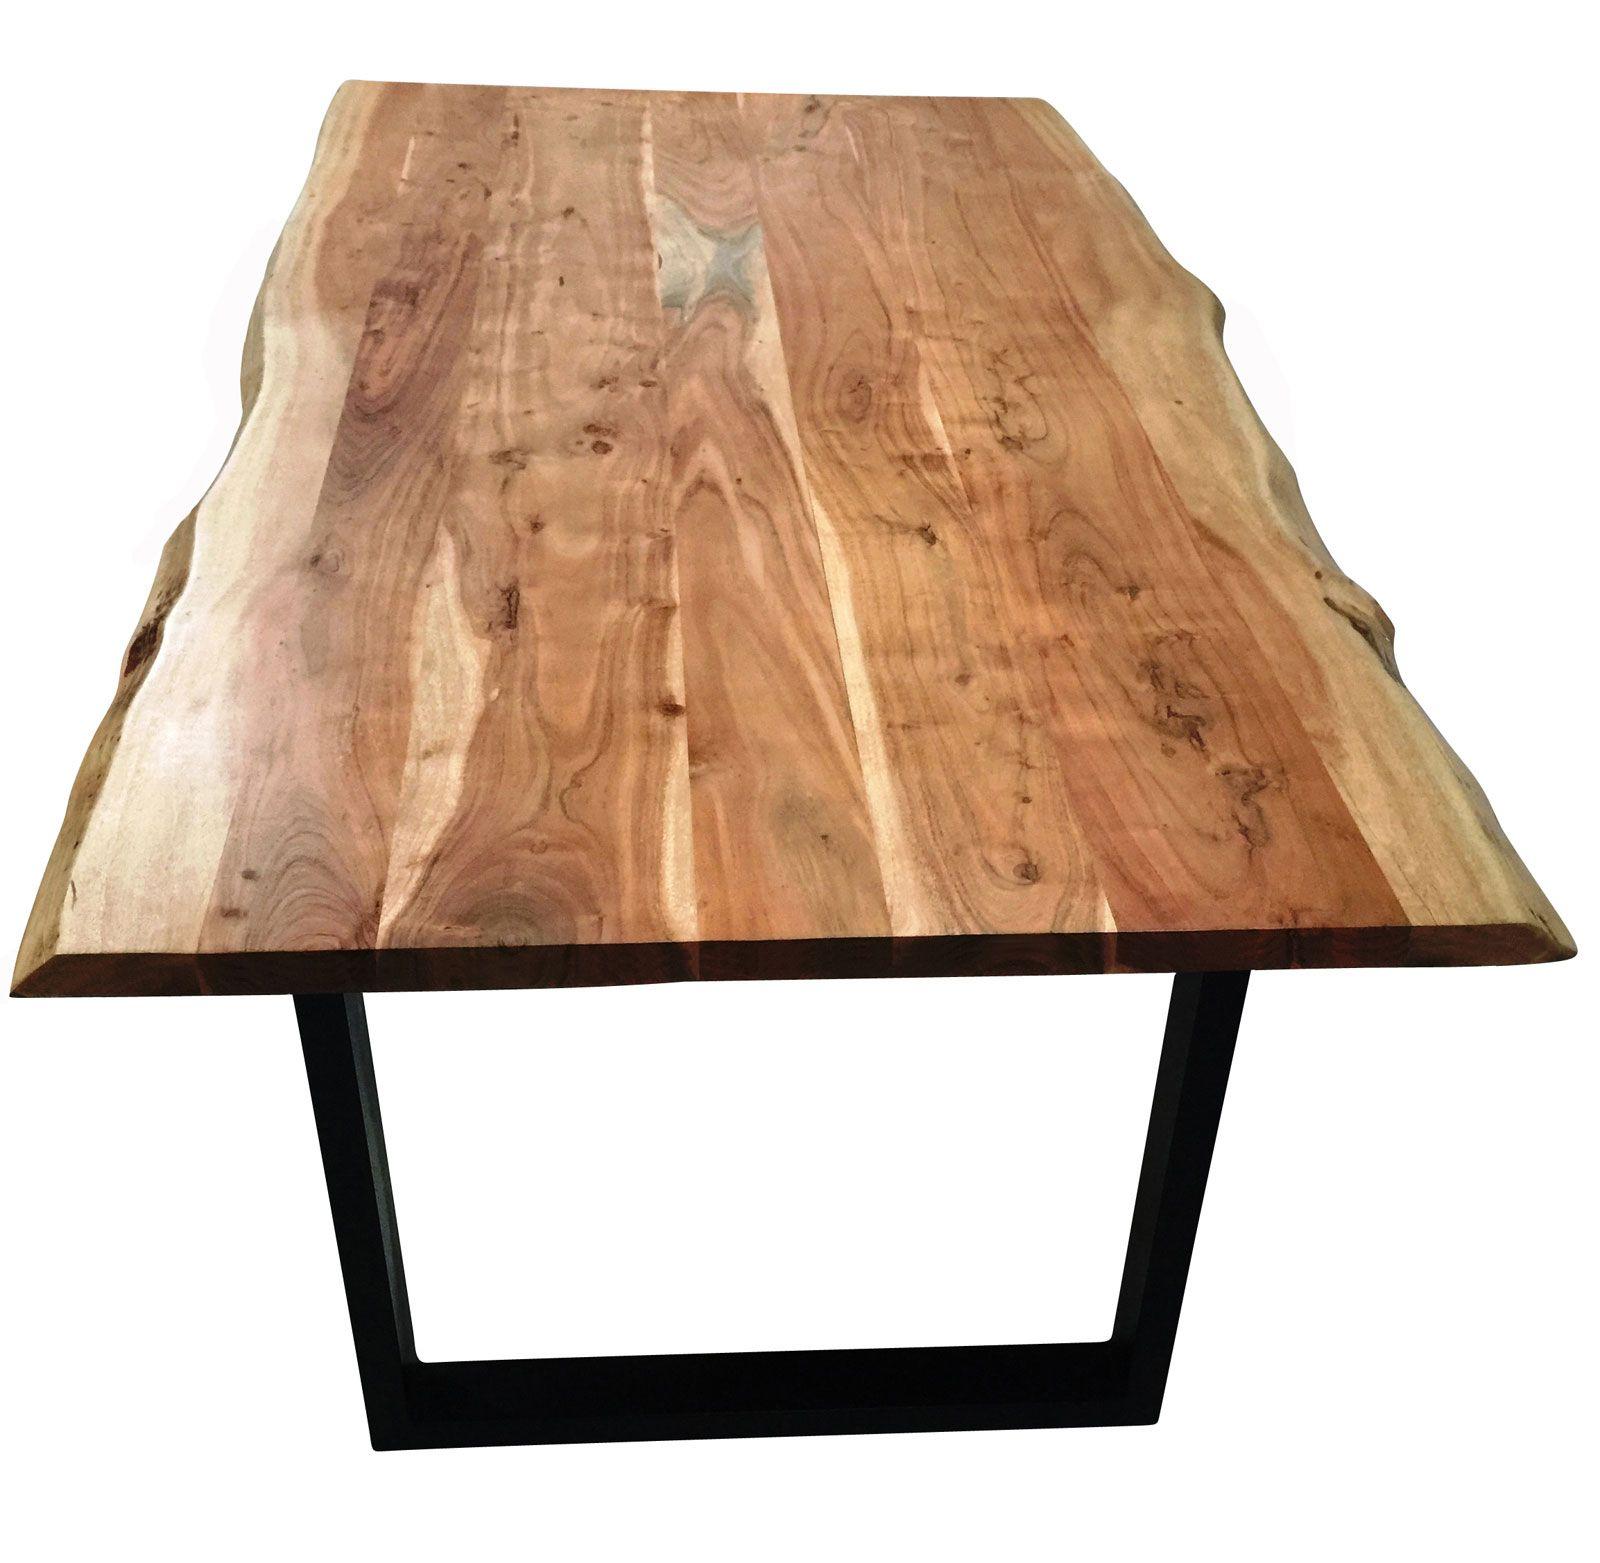 Massivholz Esstisch Mit Schwarze Fusse Esstisch Baumkante